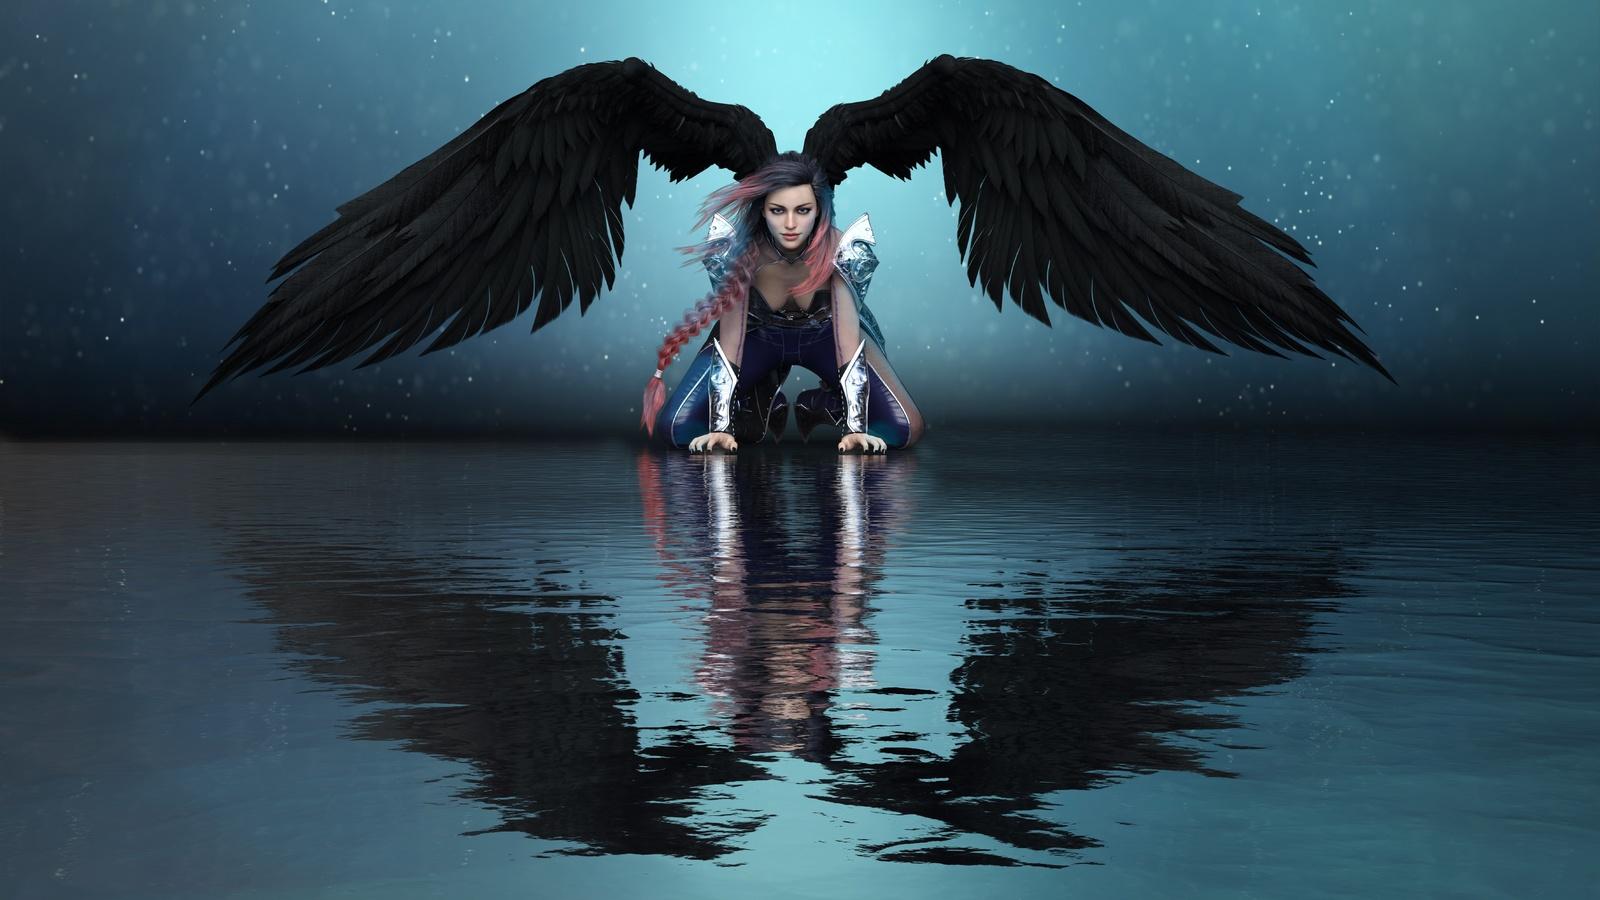 ангел, вода, крылья, отражение, фэнтези